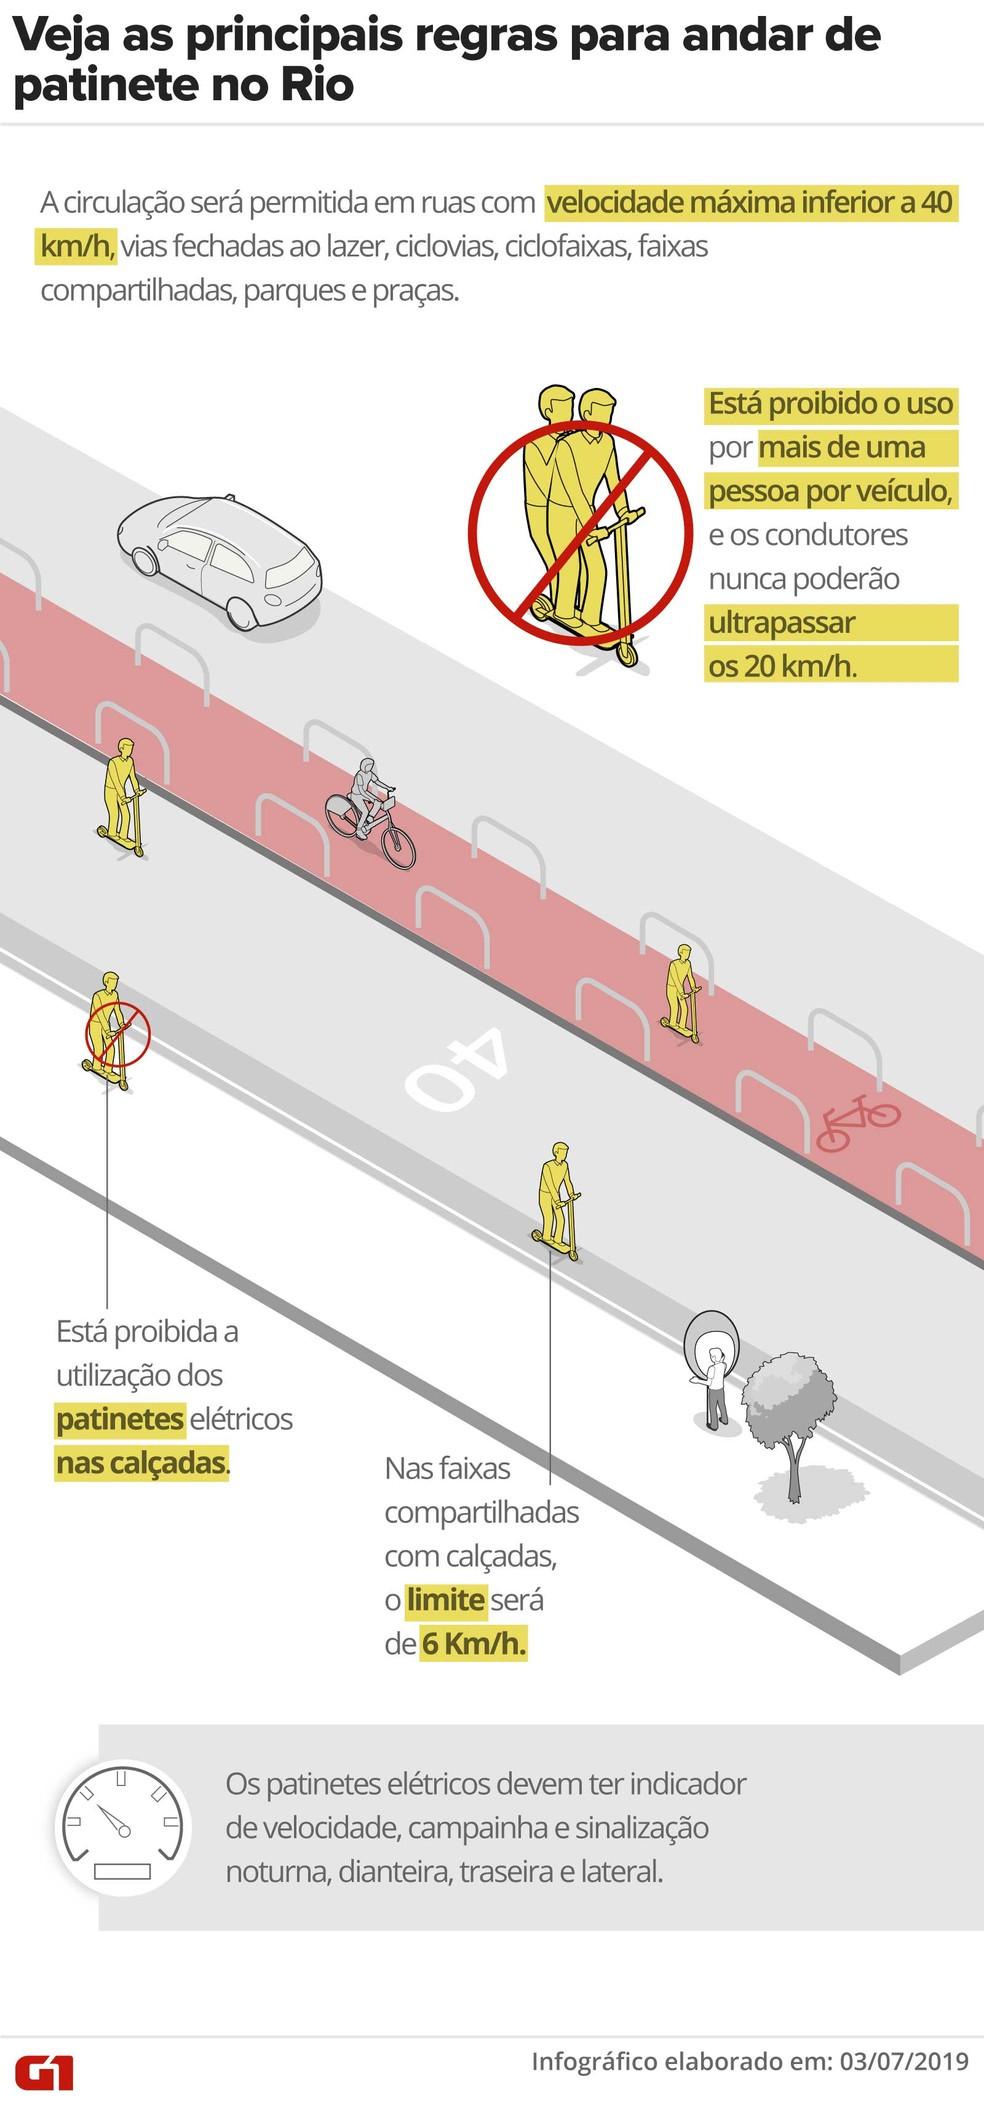 Veja as principais regras para andar de patinete no Rio depois da regulamentação da Prefeitura. — Foto: Wagner Magalhaes - Arte/G1 Rio